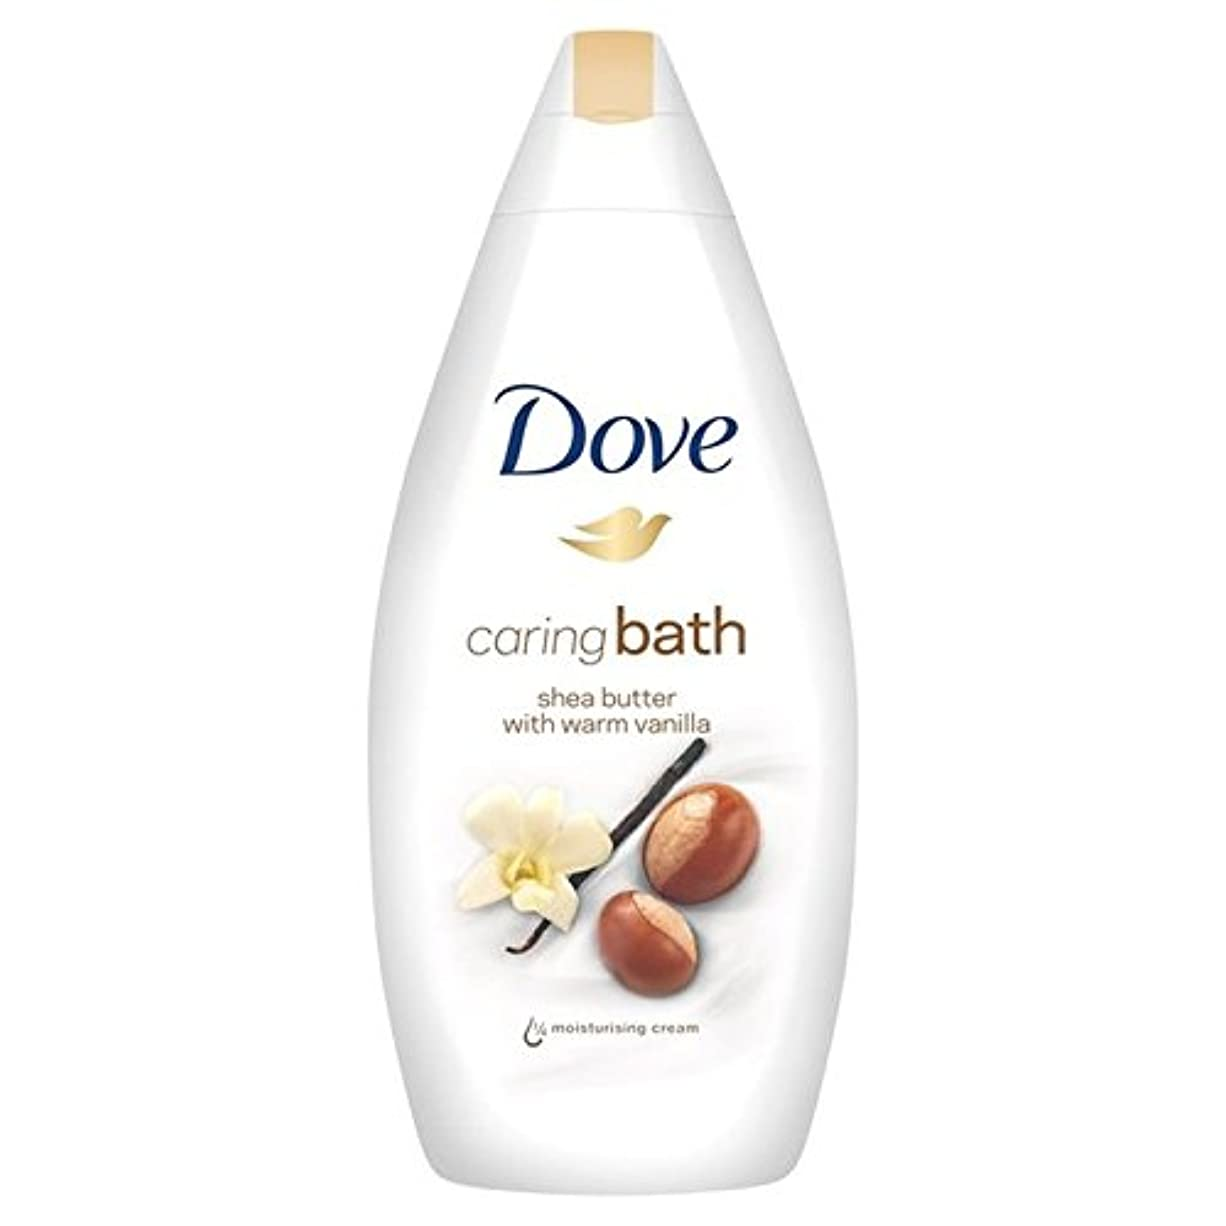 も放置回転させるDove Purely Pampering Shea Butter Caring Cream Bath 500ml (Pack of 6) - 鳩純粋な贅沢シアバター思いやりのあるクリームバス500ミリリットル x6 [...